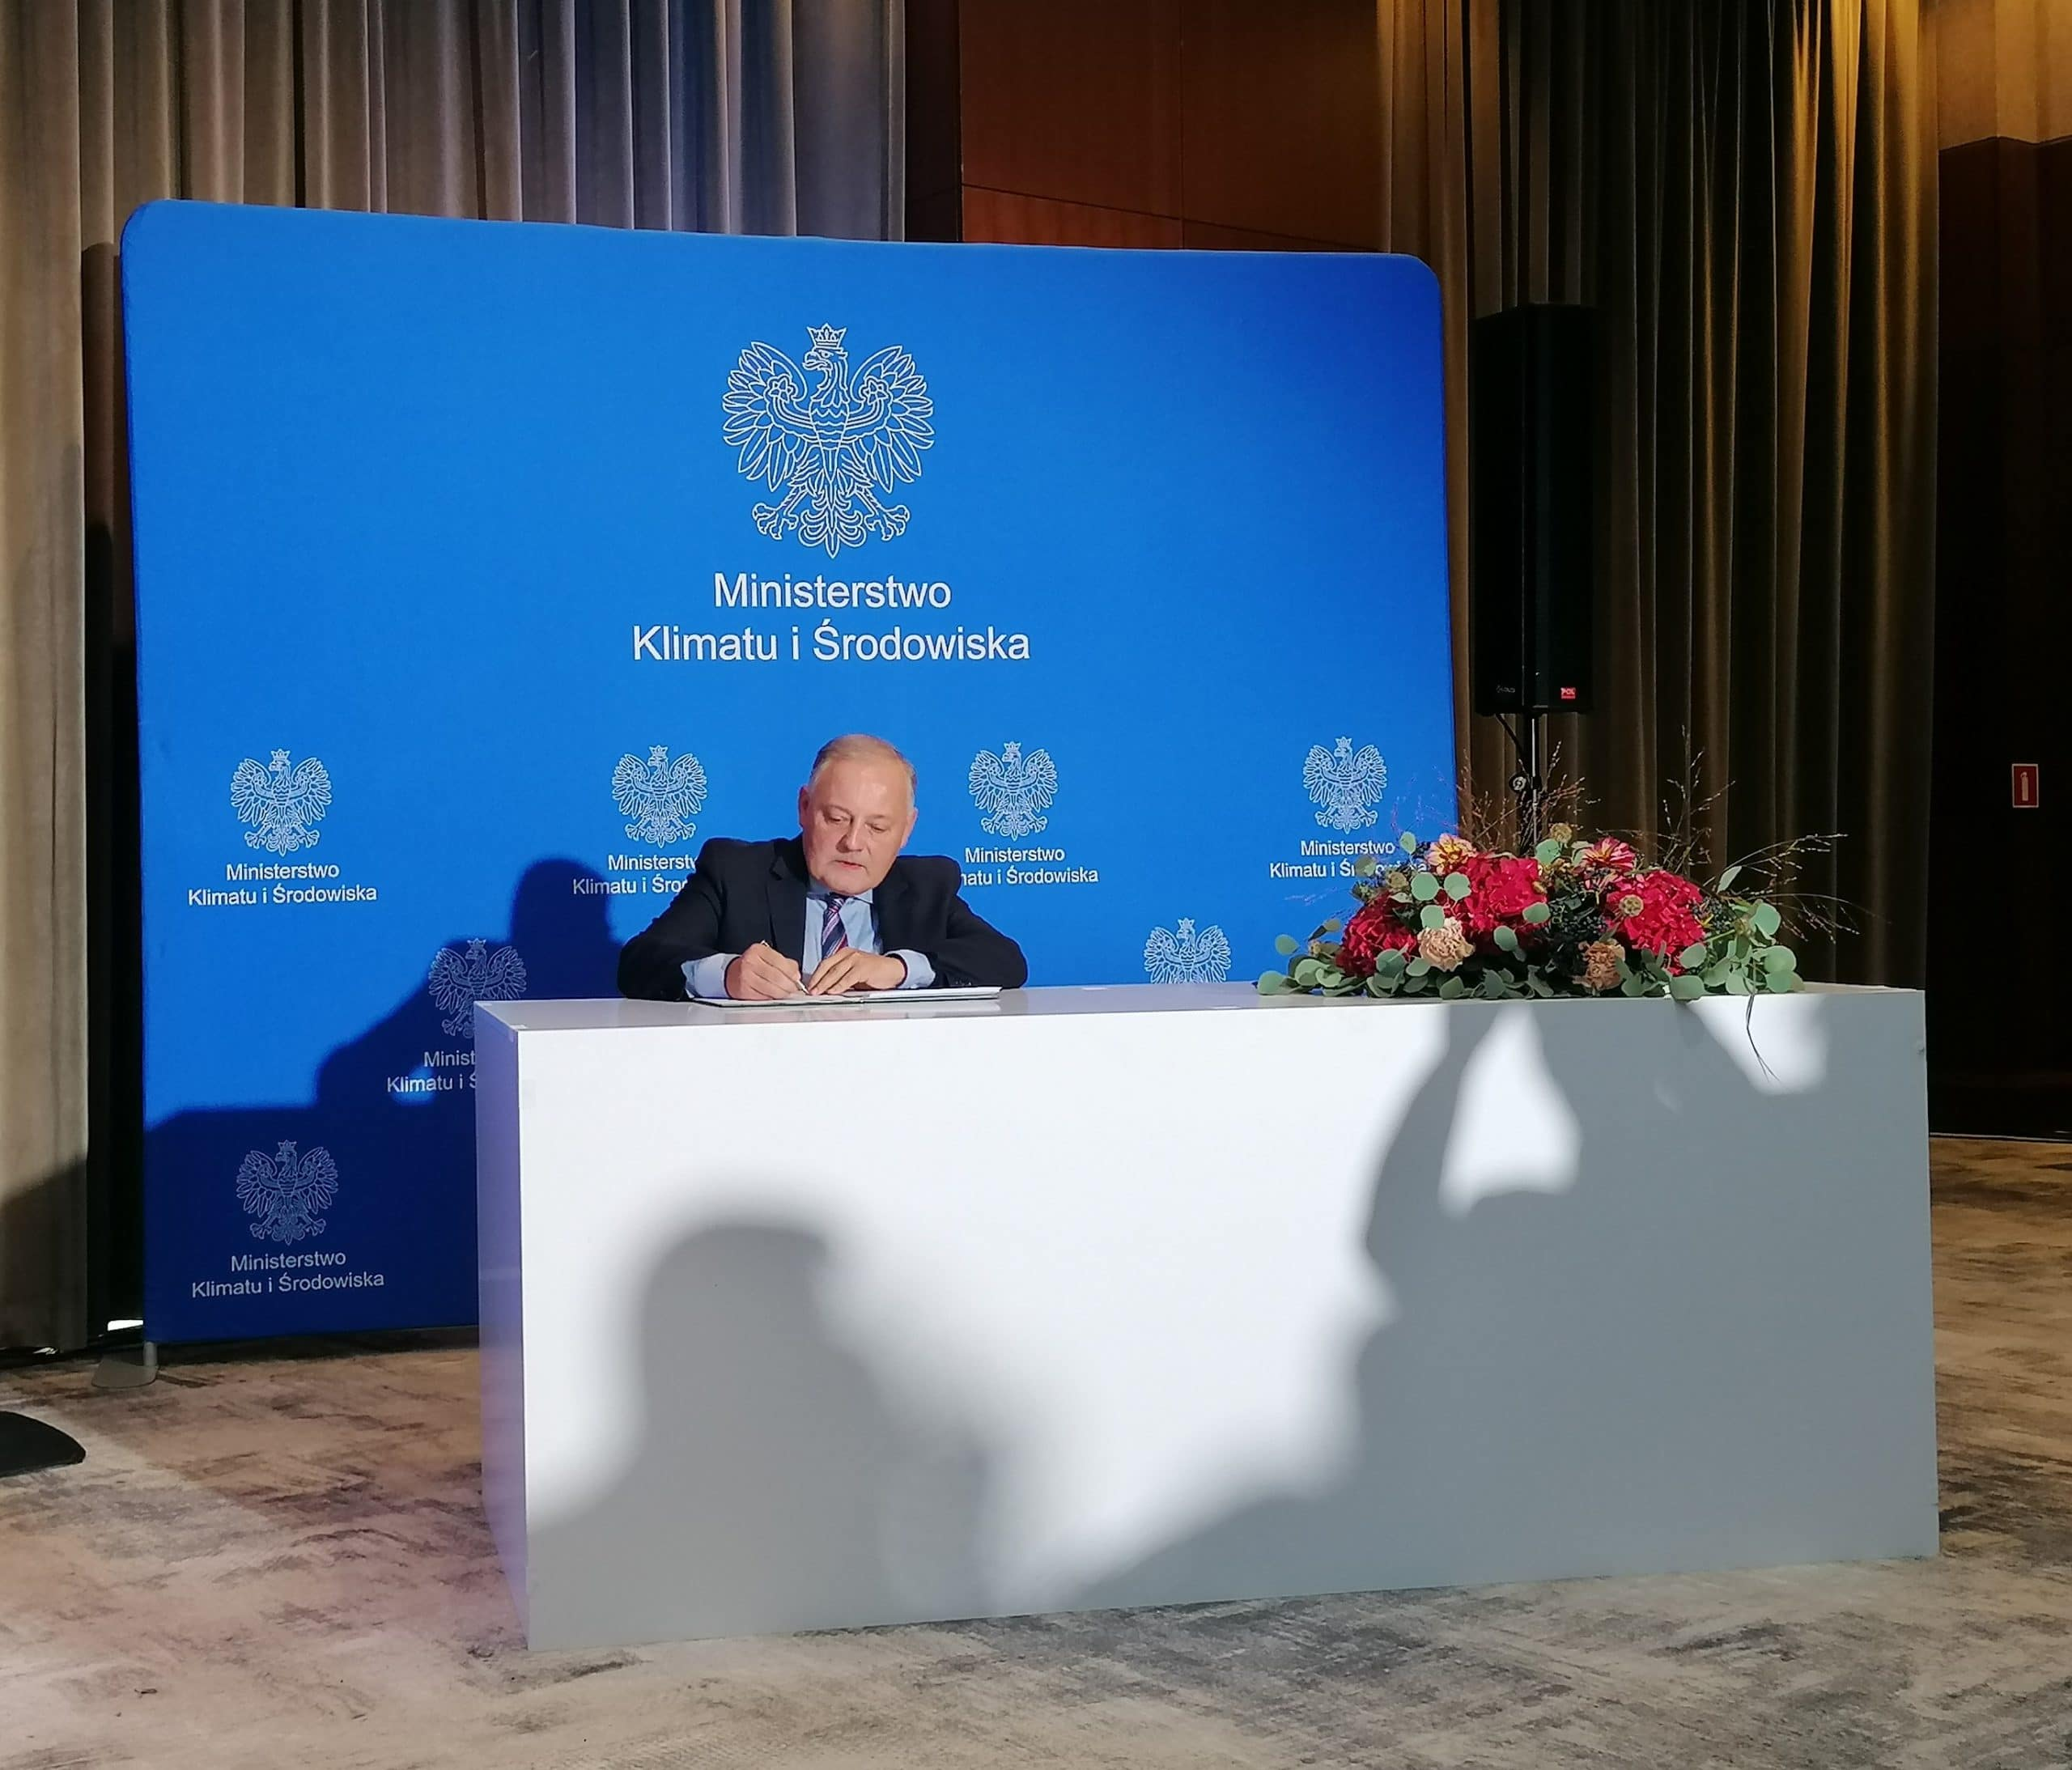 PGE podpisała porozumienie sektorowe na rzecz rozwoju offshore w Polsce 2